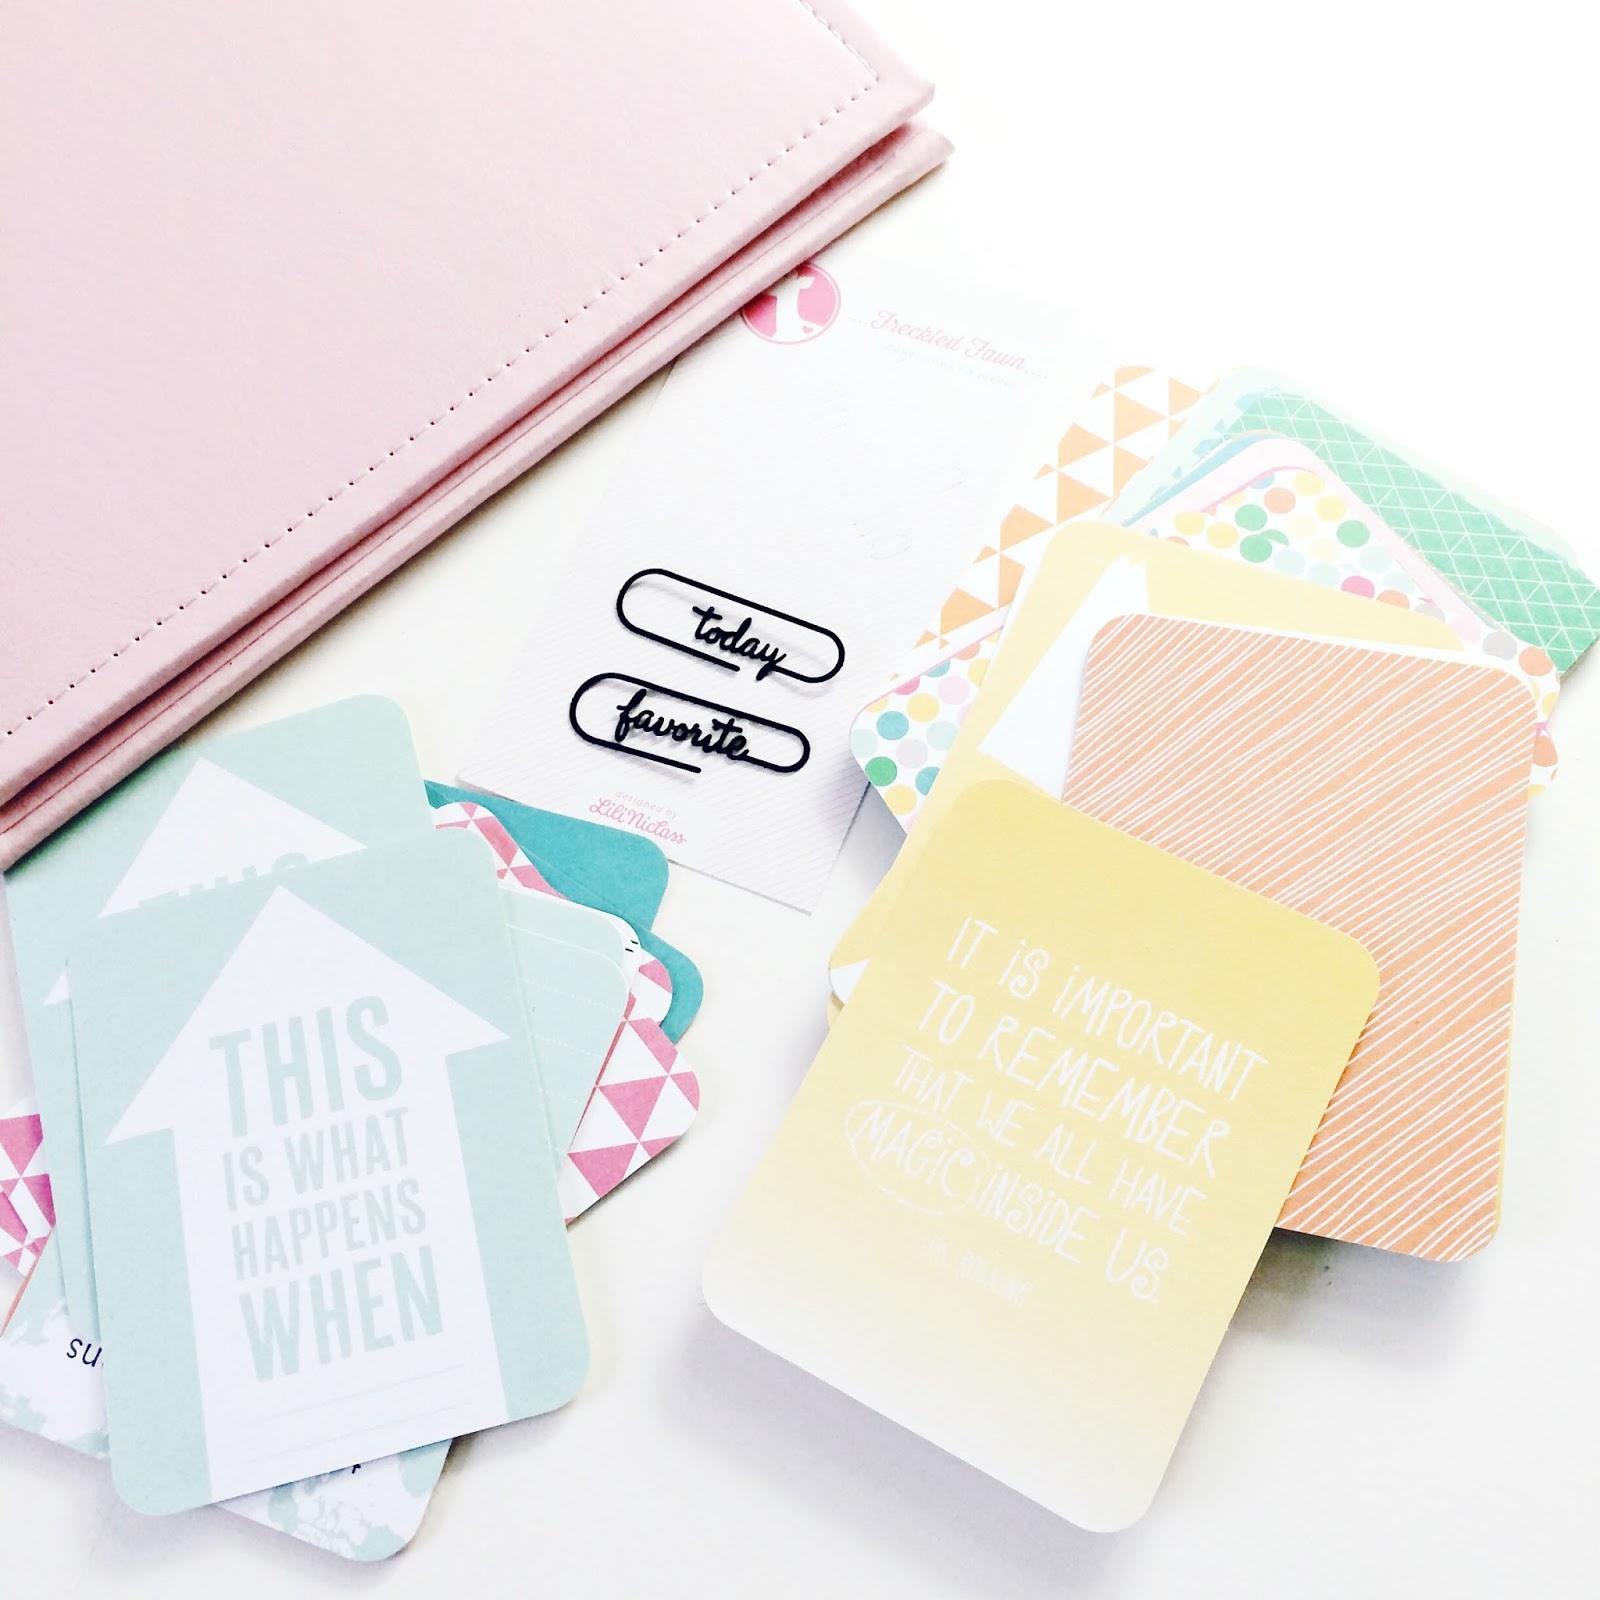 One Little Word Class von Ali Edwards - Vorbereitungen - Mein Album und ein paar Journaling Cards